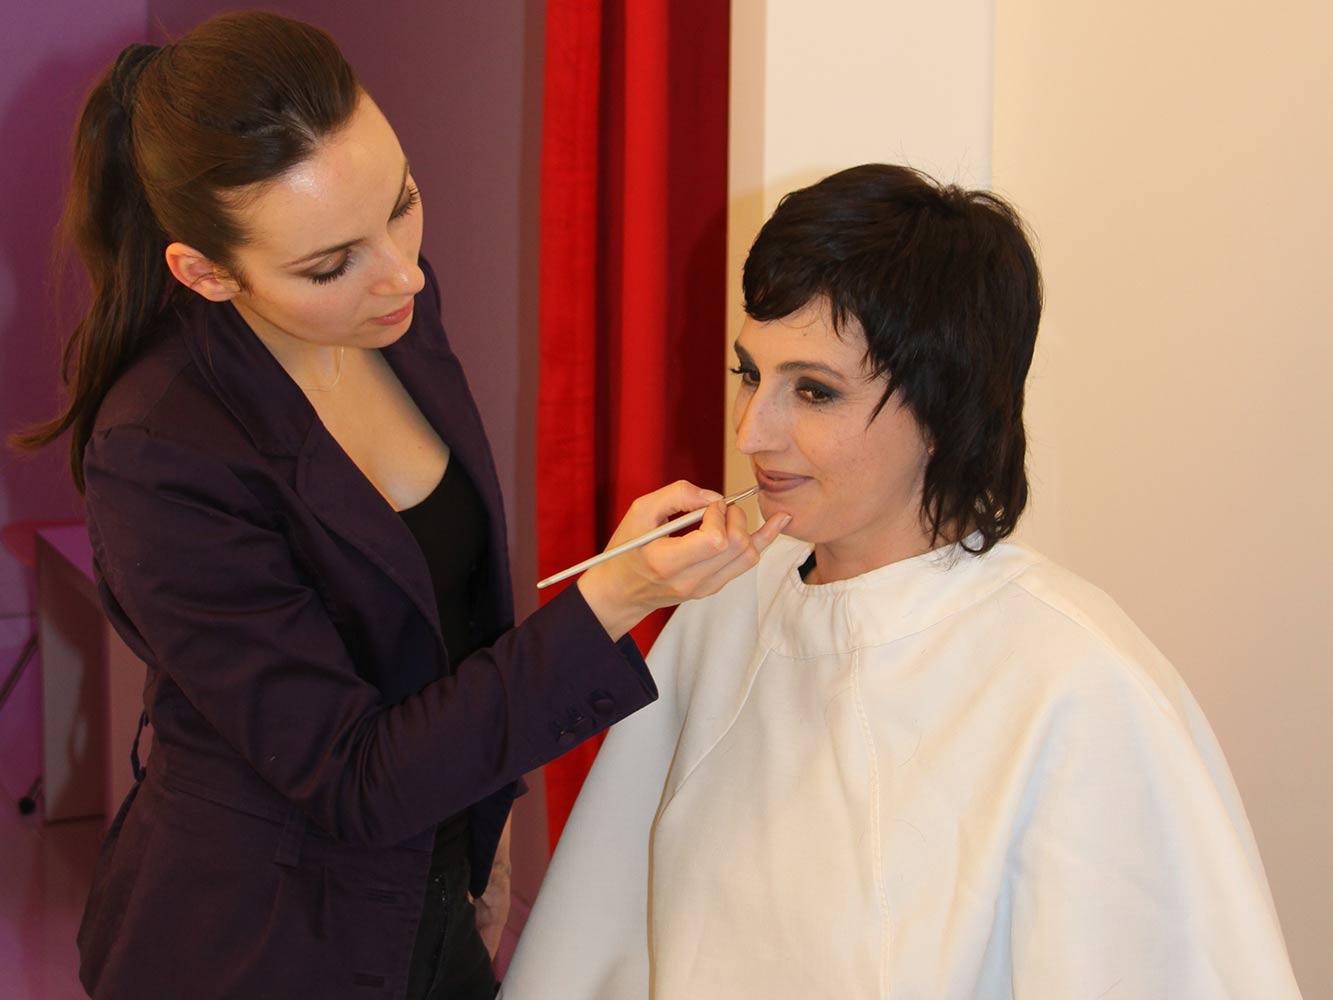 La maquilleuse effectue un maquillage personnalisé